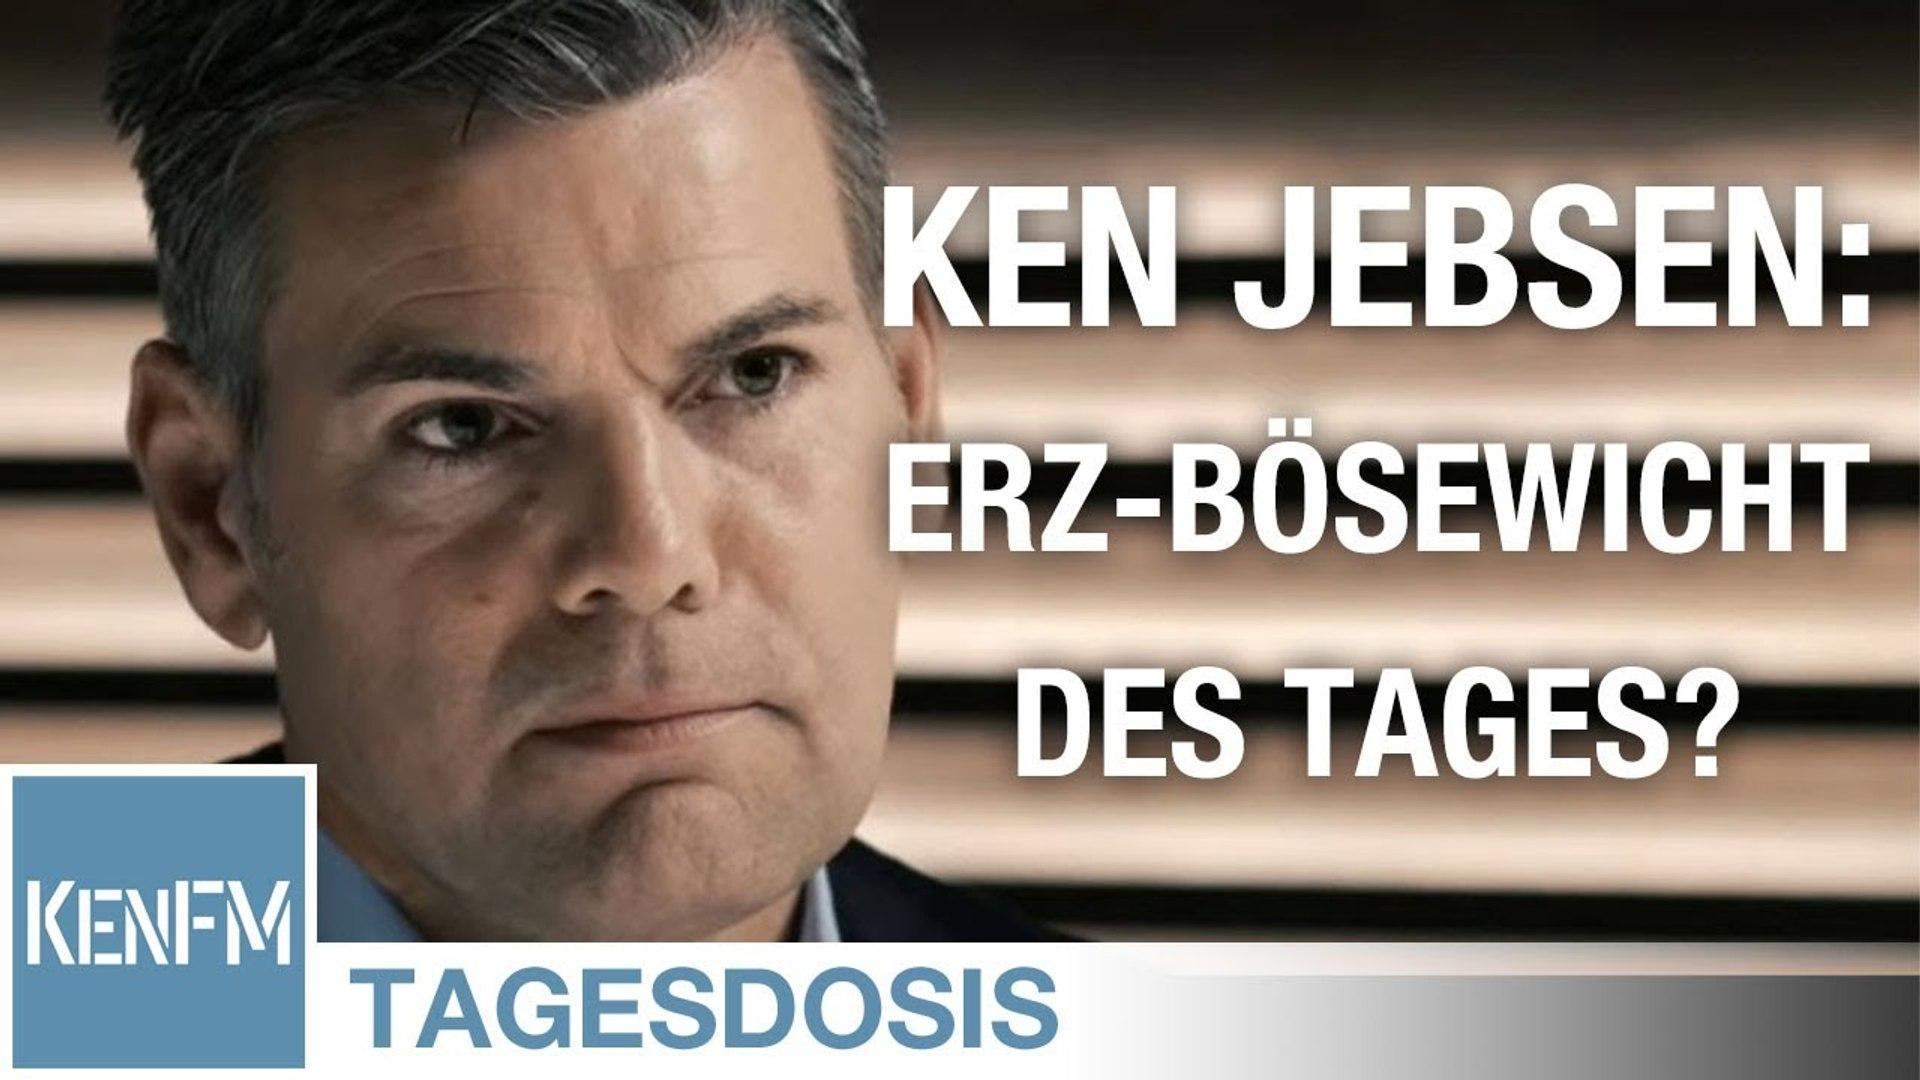 Tagesdosis 15.5.2020 – Ken Jebsen – Erz-Bösewicht des Tages?